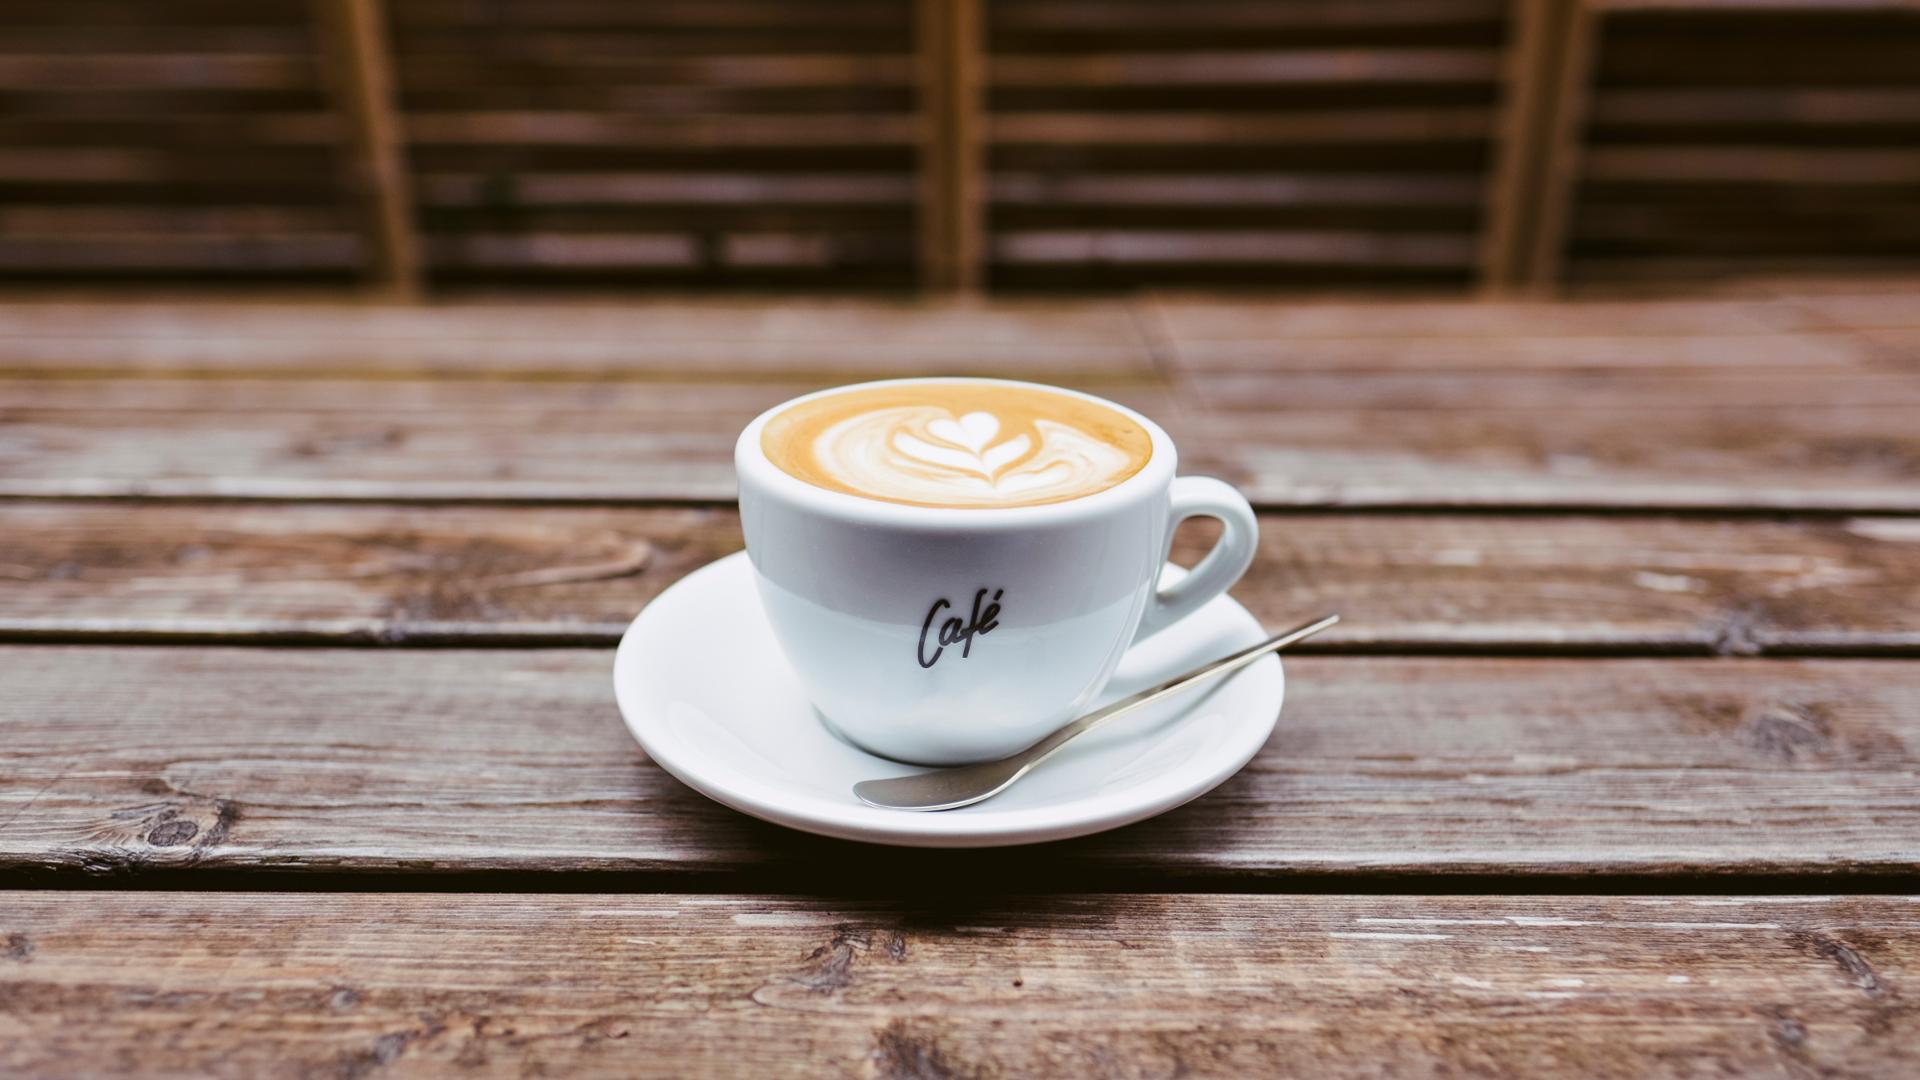 un-estudio-defiende-que-tres-tazas-de-cafe-al-dia-reducen-la-mortalidad-prematura-1920